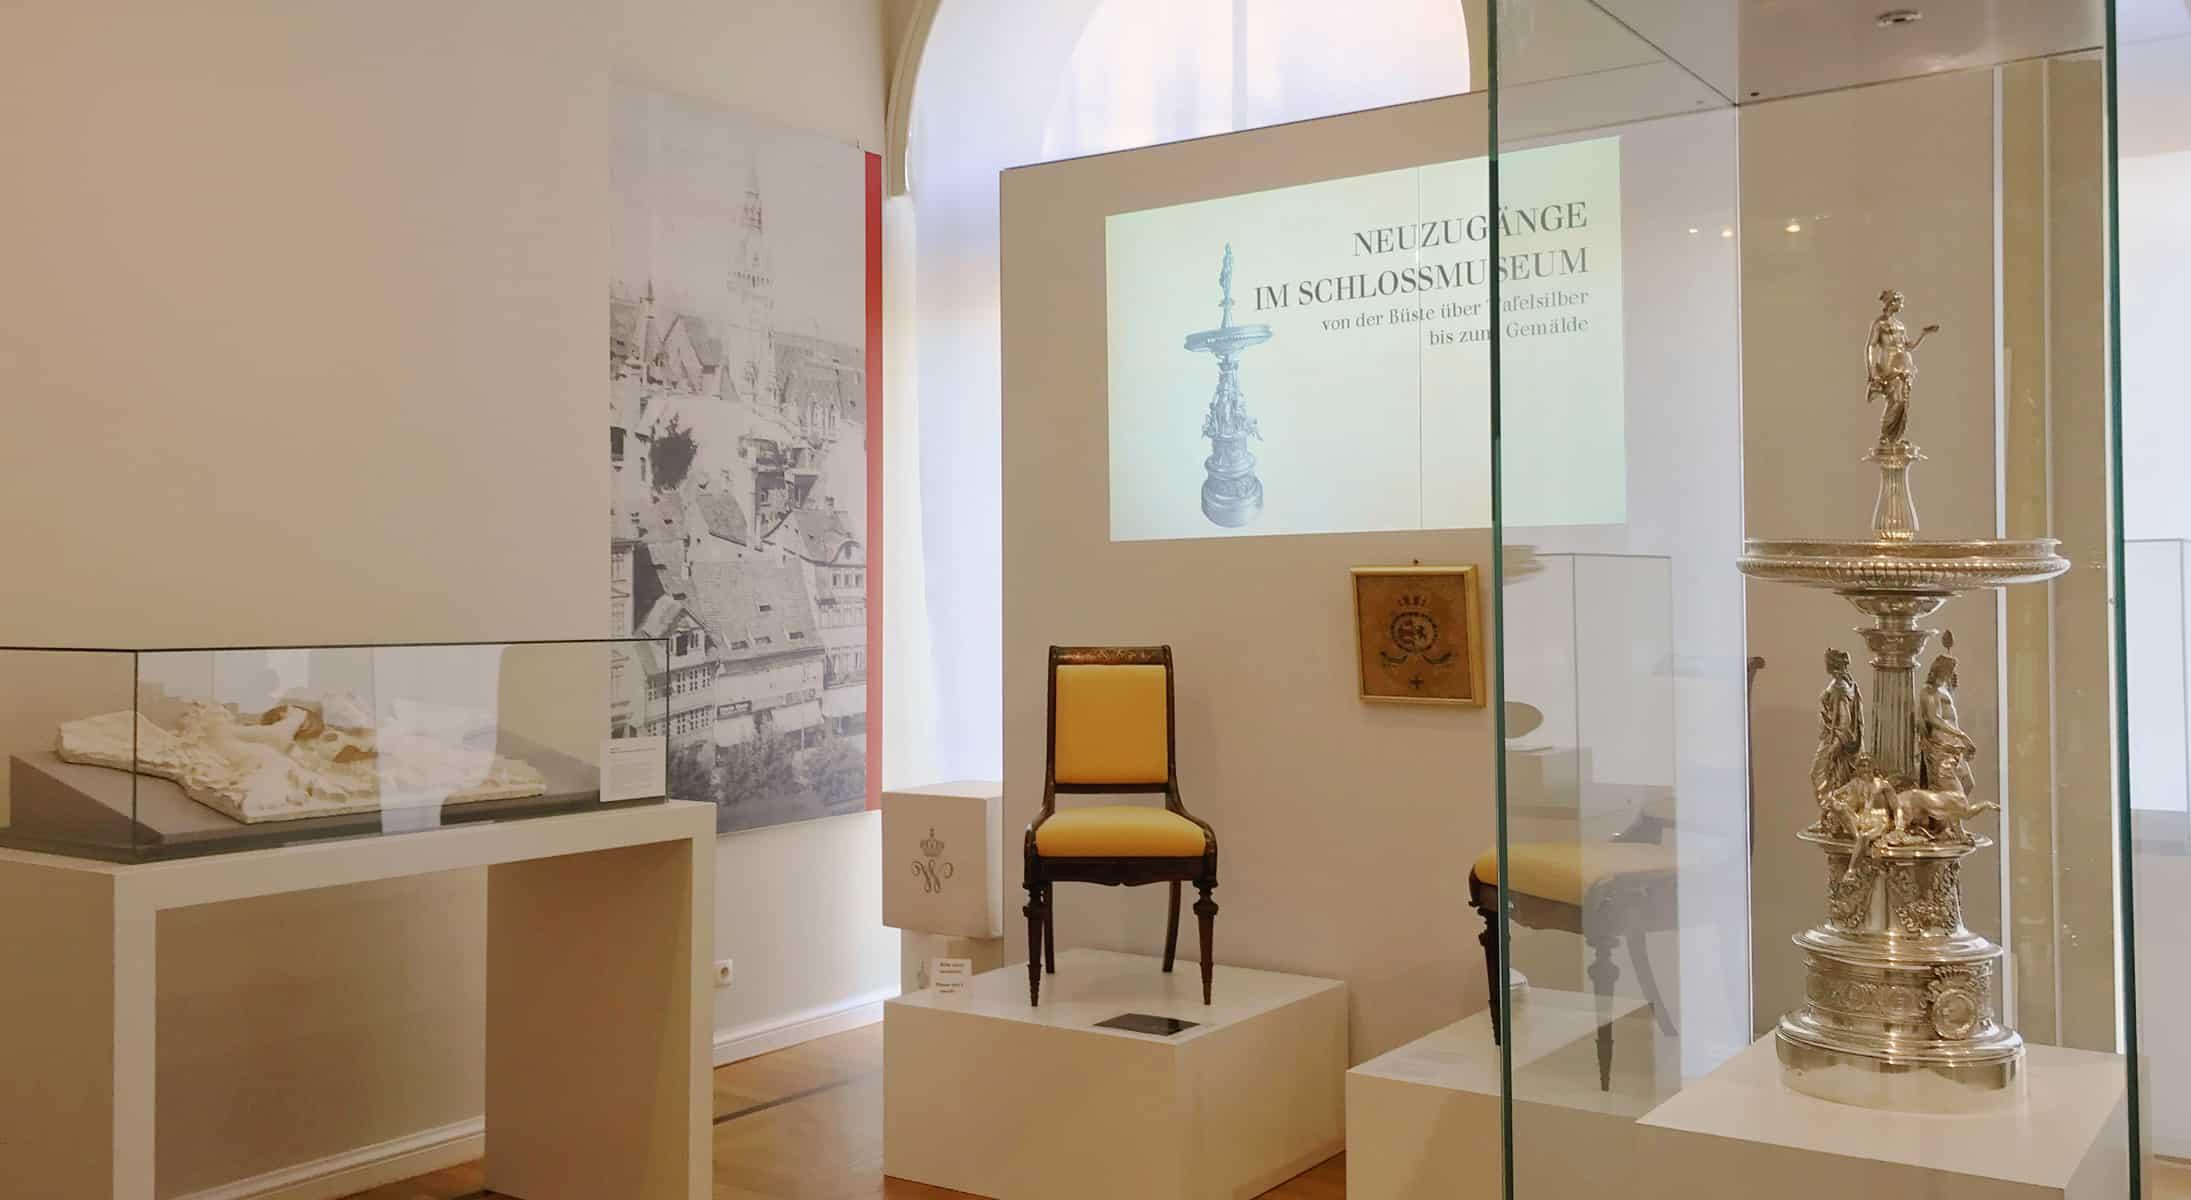 Kleine Sonderausstellung im Schlossmuseum für die Neuzugänge: rechts der prachtvolle Tafelaufsatz von Herzog Wilhelm. Foto: Schlossmuseum Braunschweig